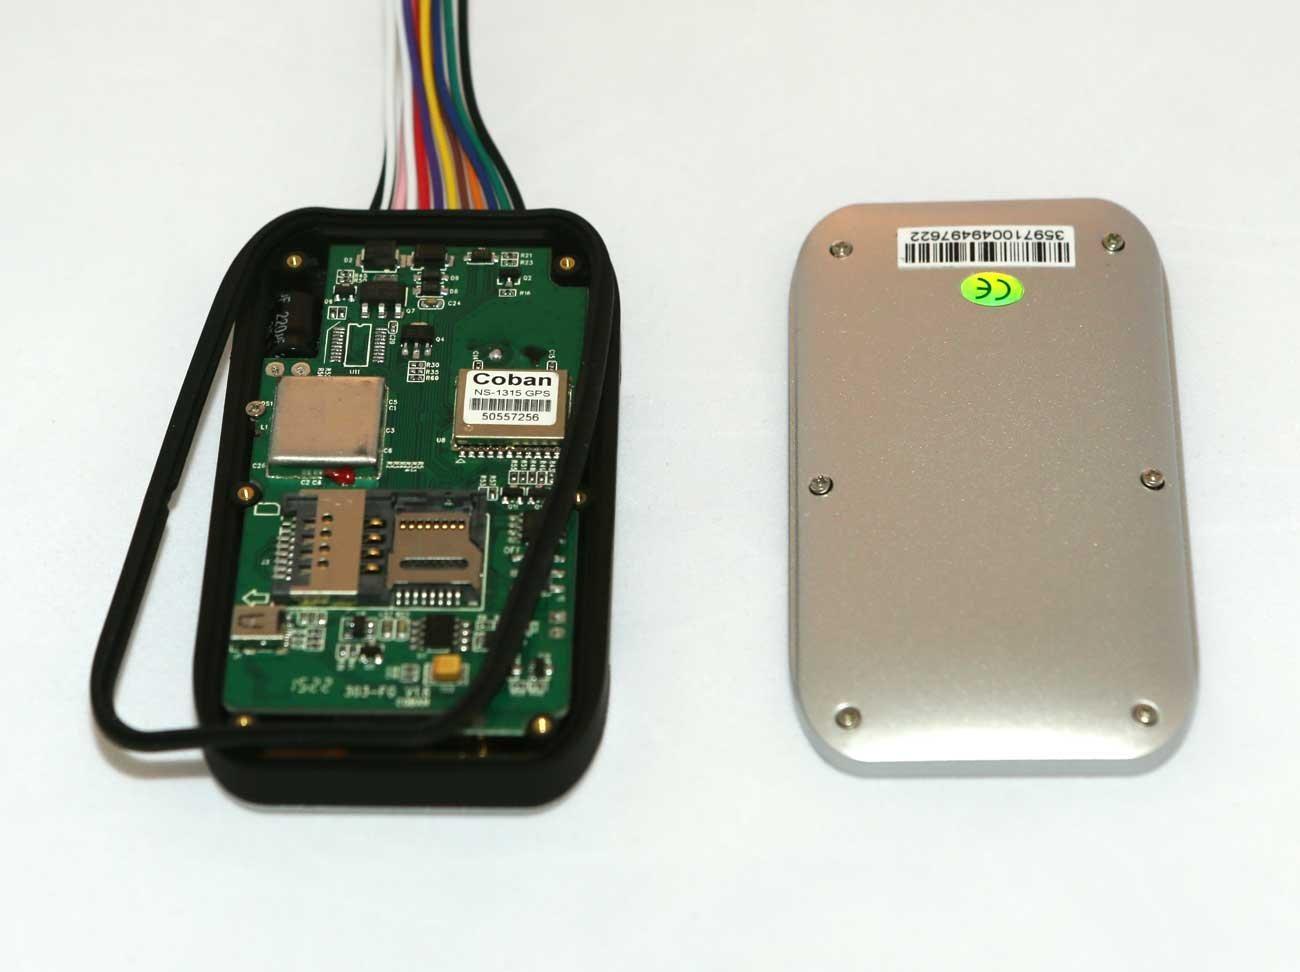 دستگاه شنود هوشمند کوبان مدل GPS303